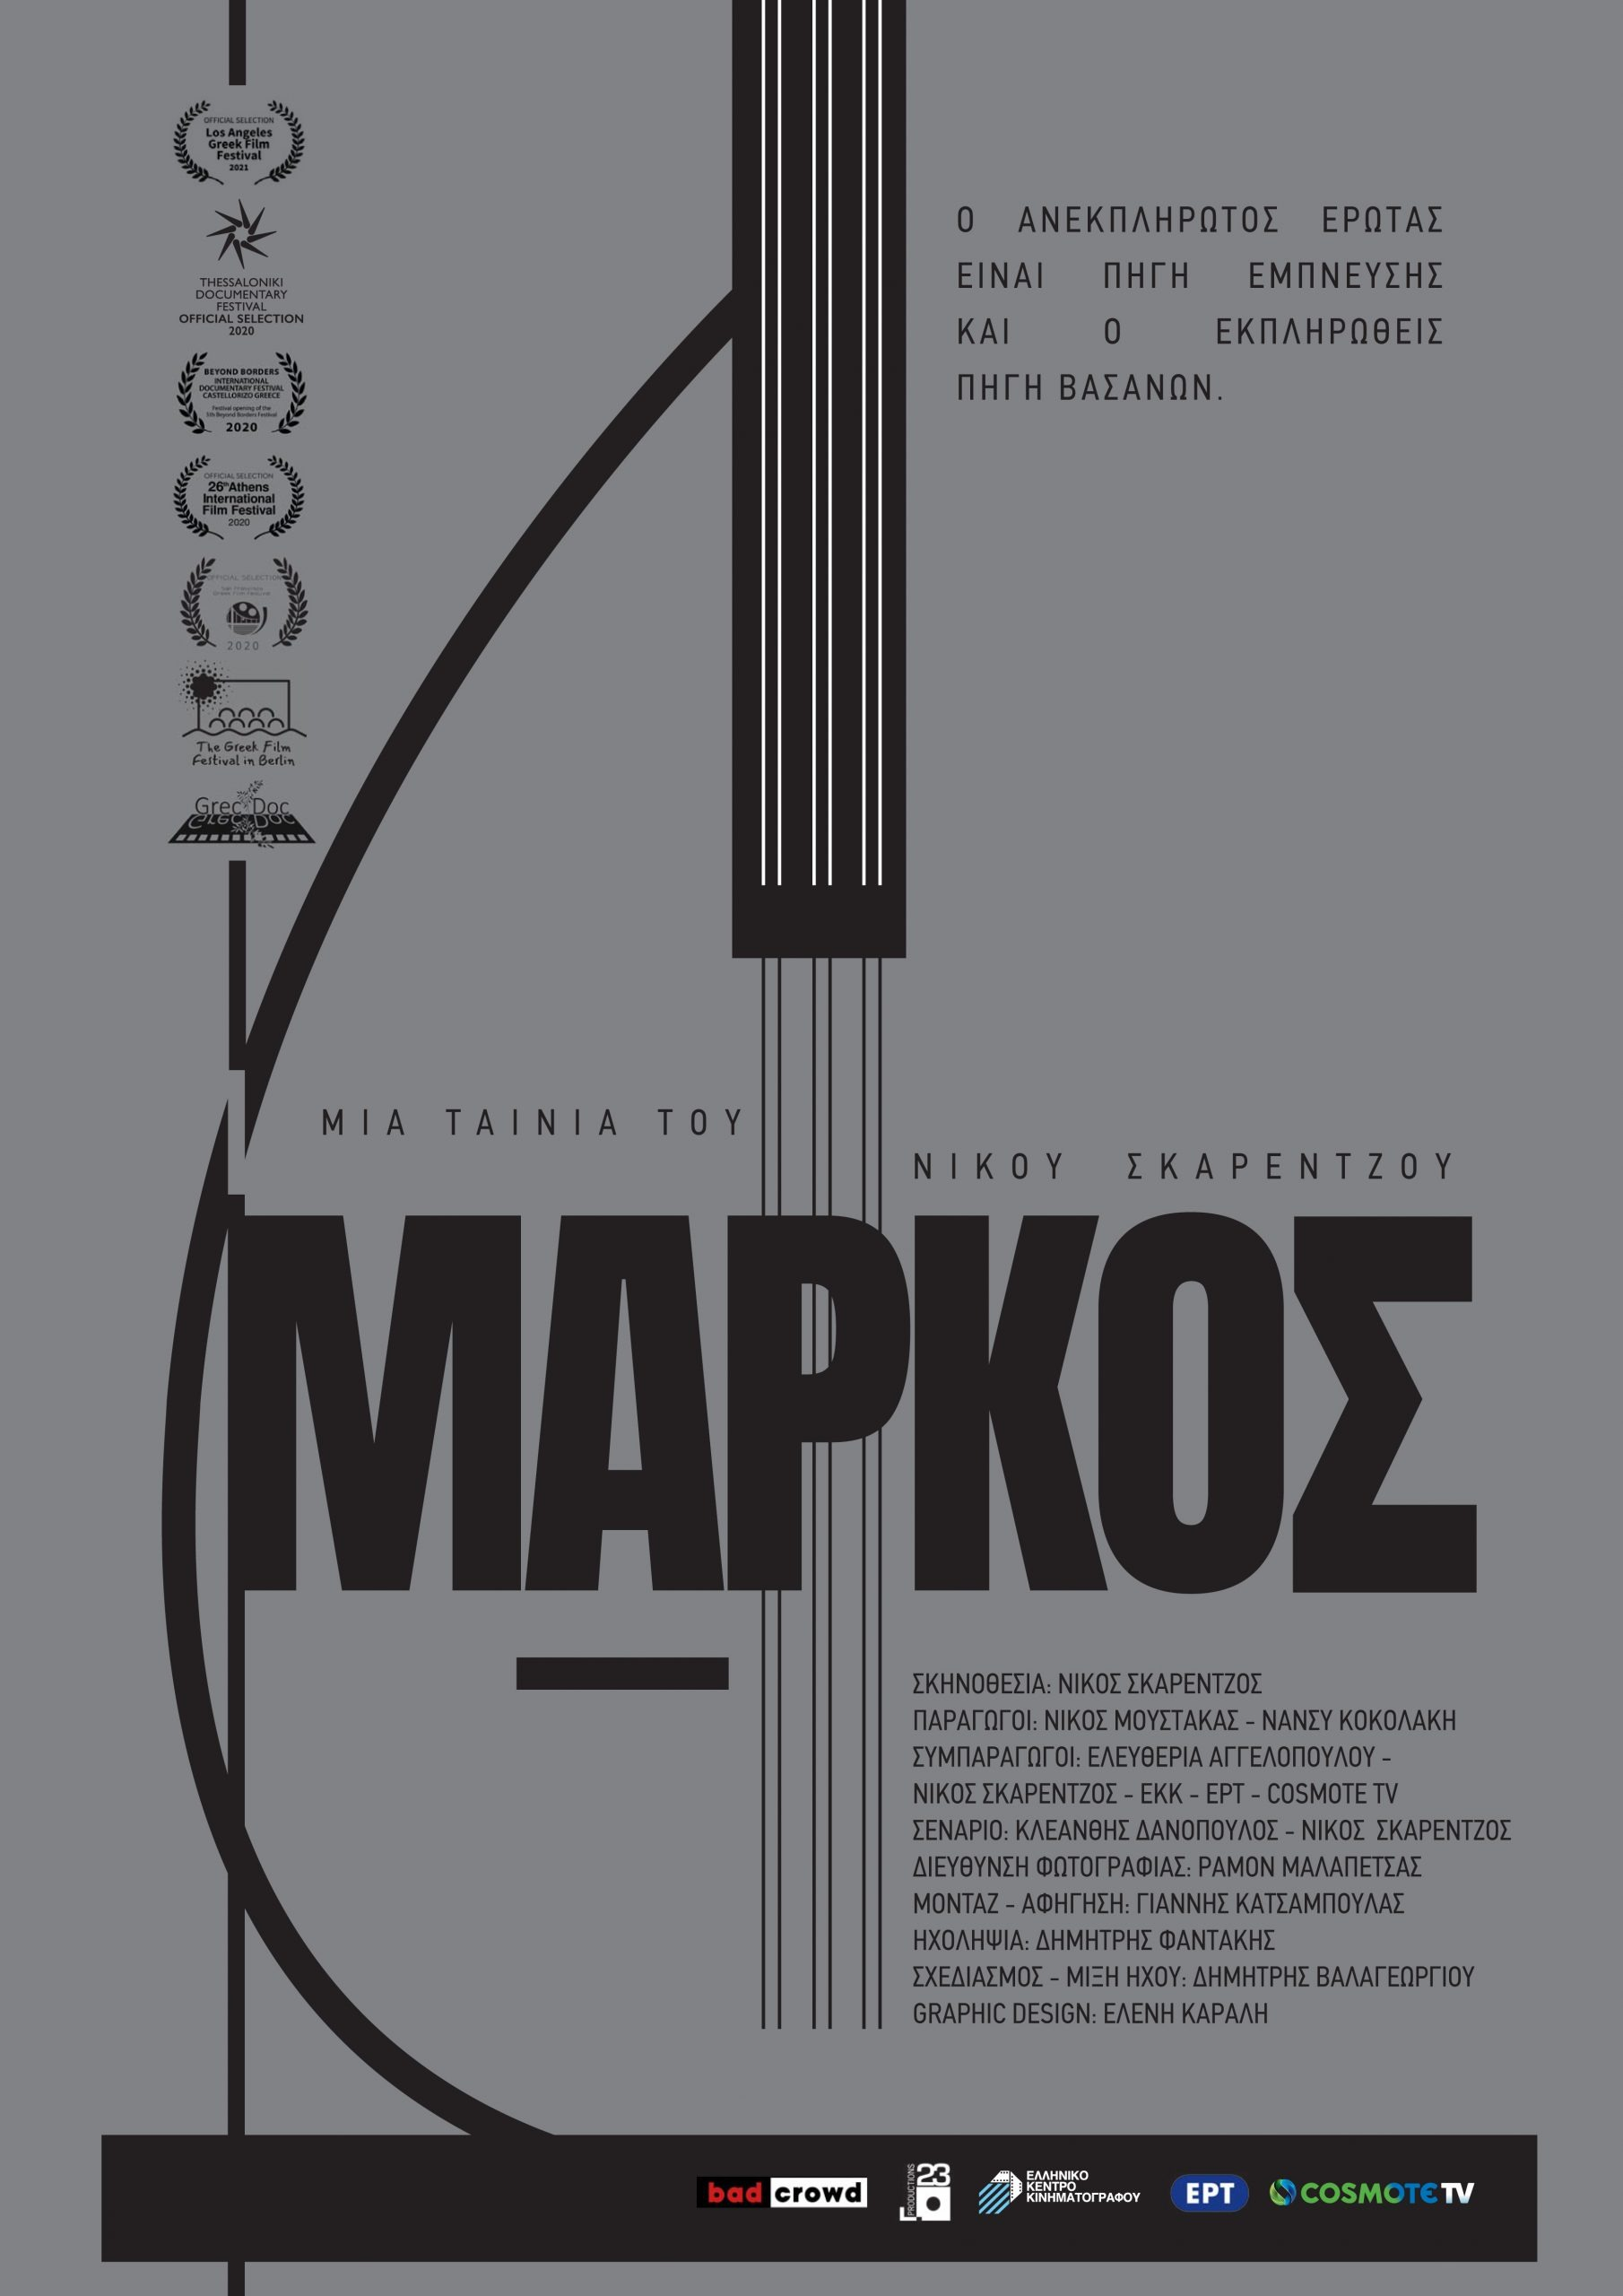 MARKOS POSTER 1